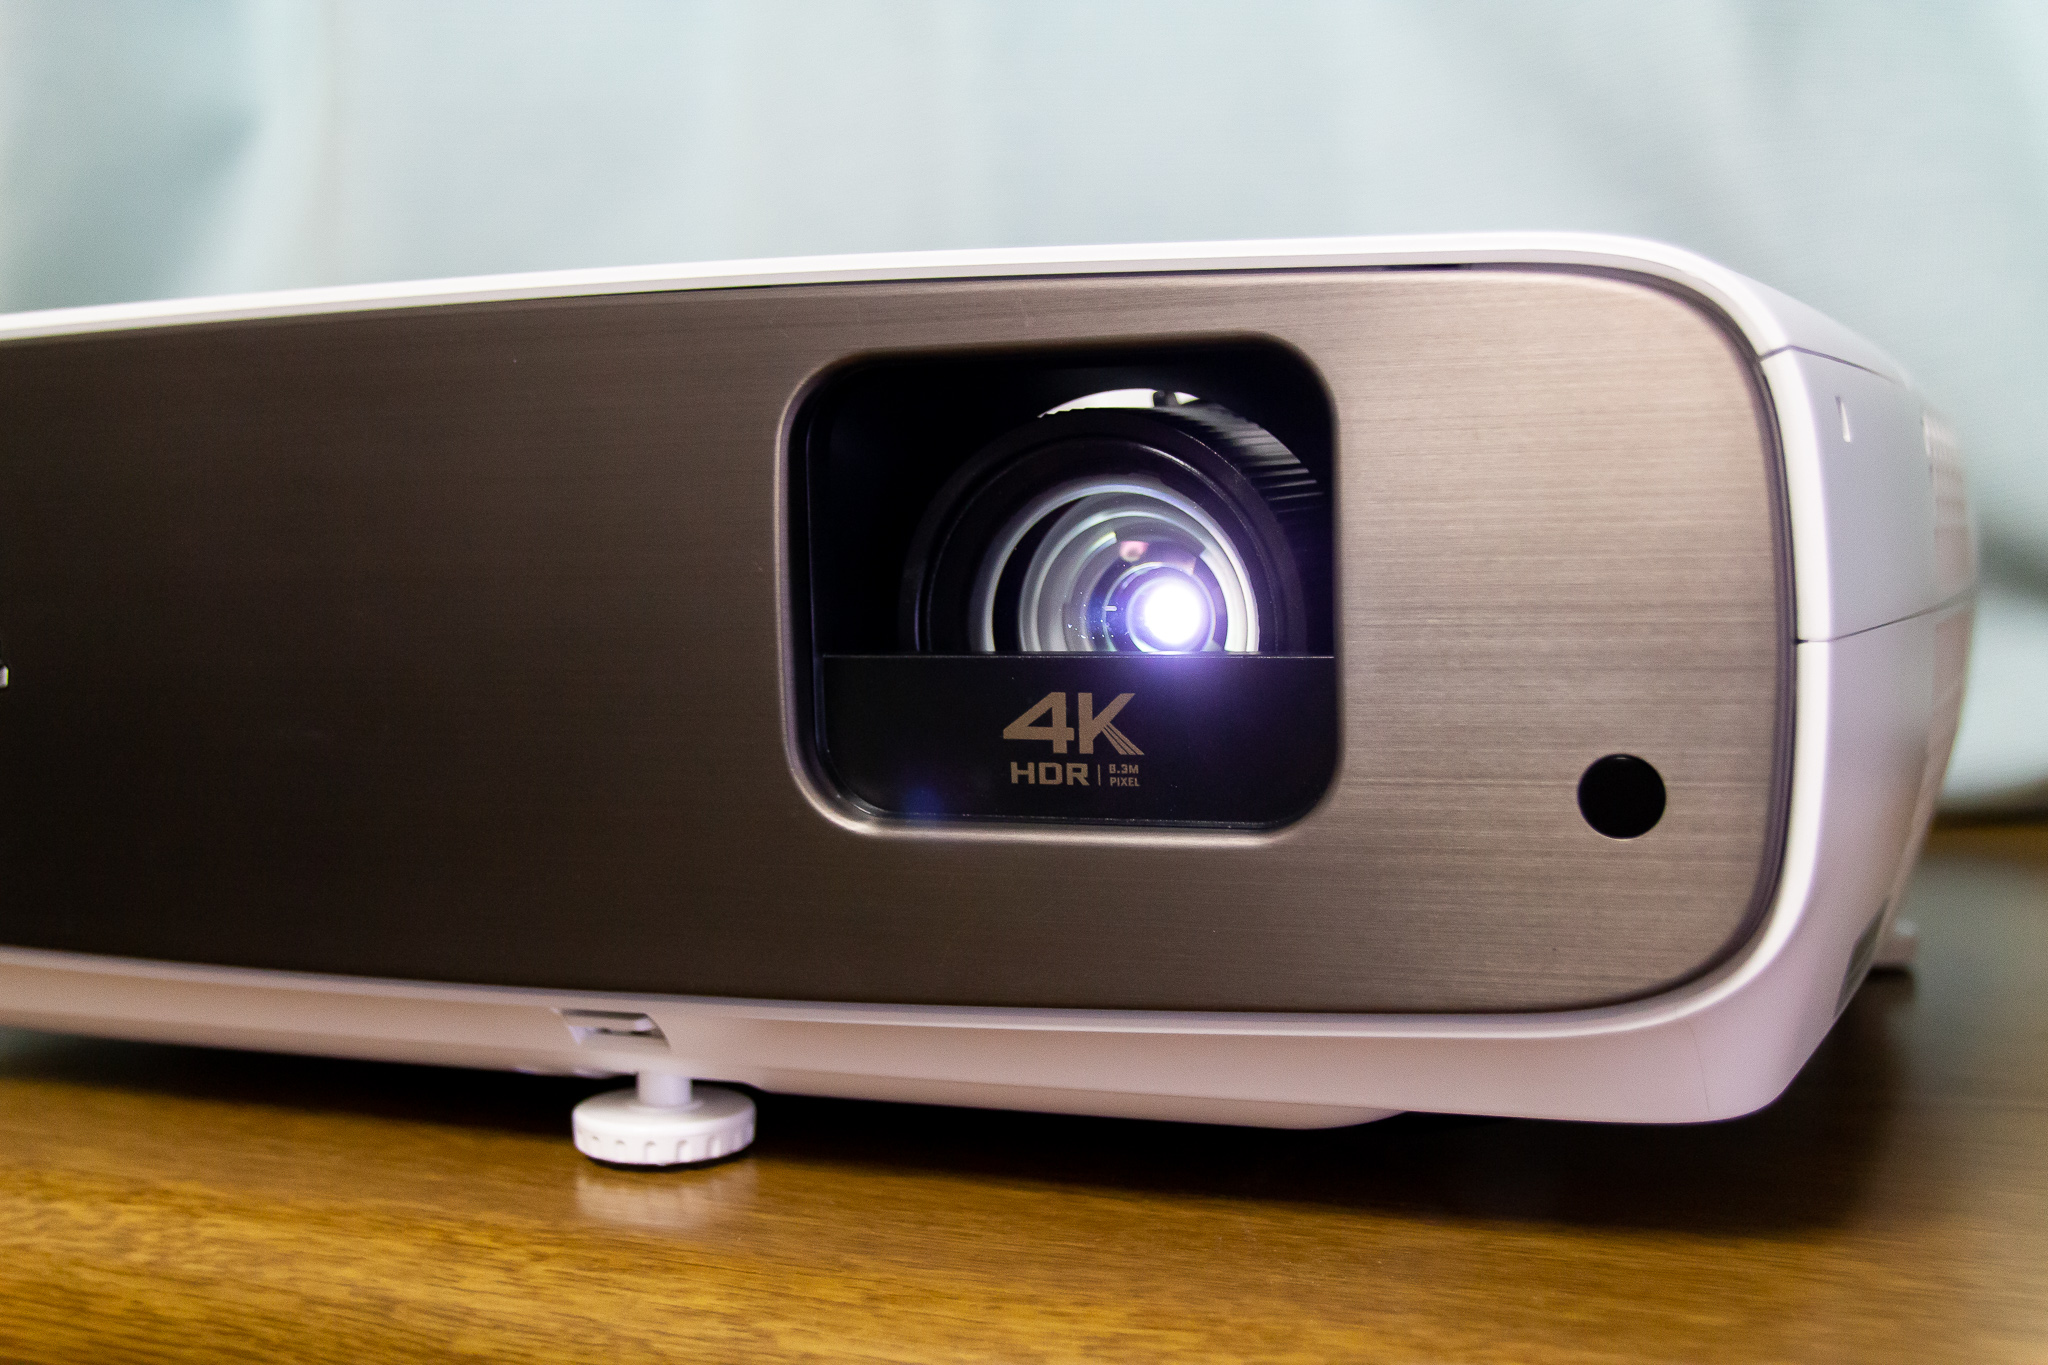 圧倒的没入感。短焦点4K HDRプロジェクター『BenQ HT3550』ゲームと映画を大画面で堪能【AD】